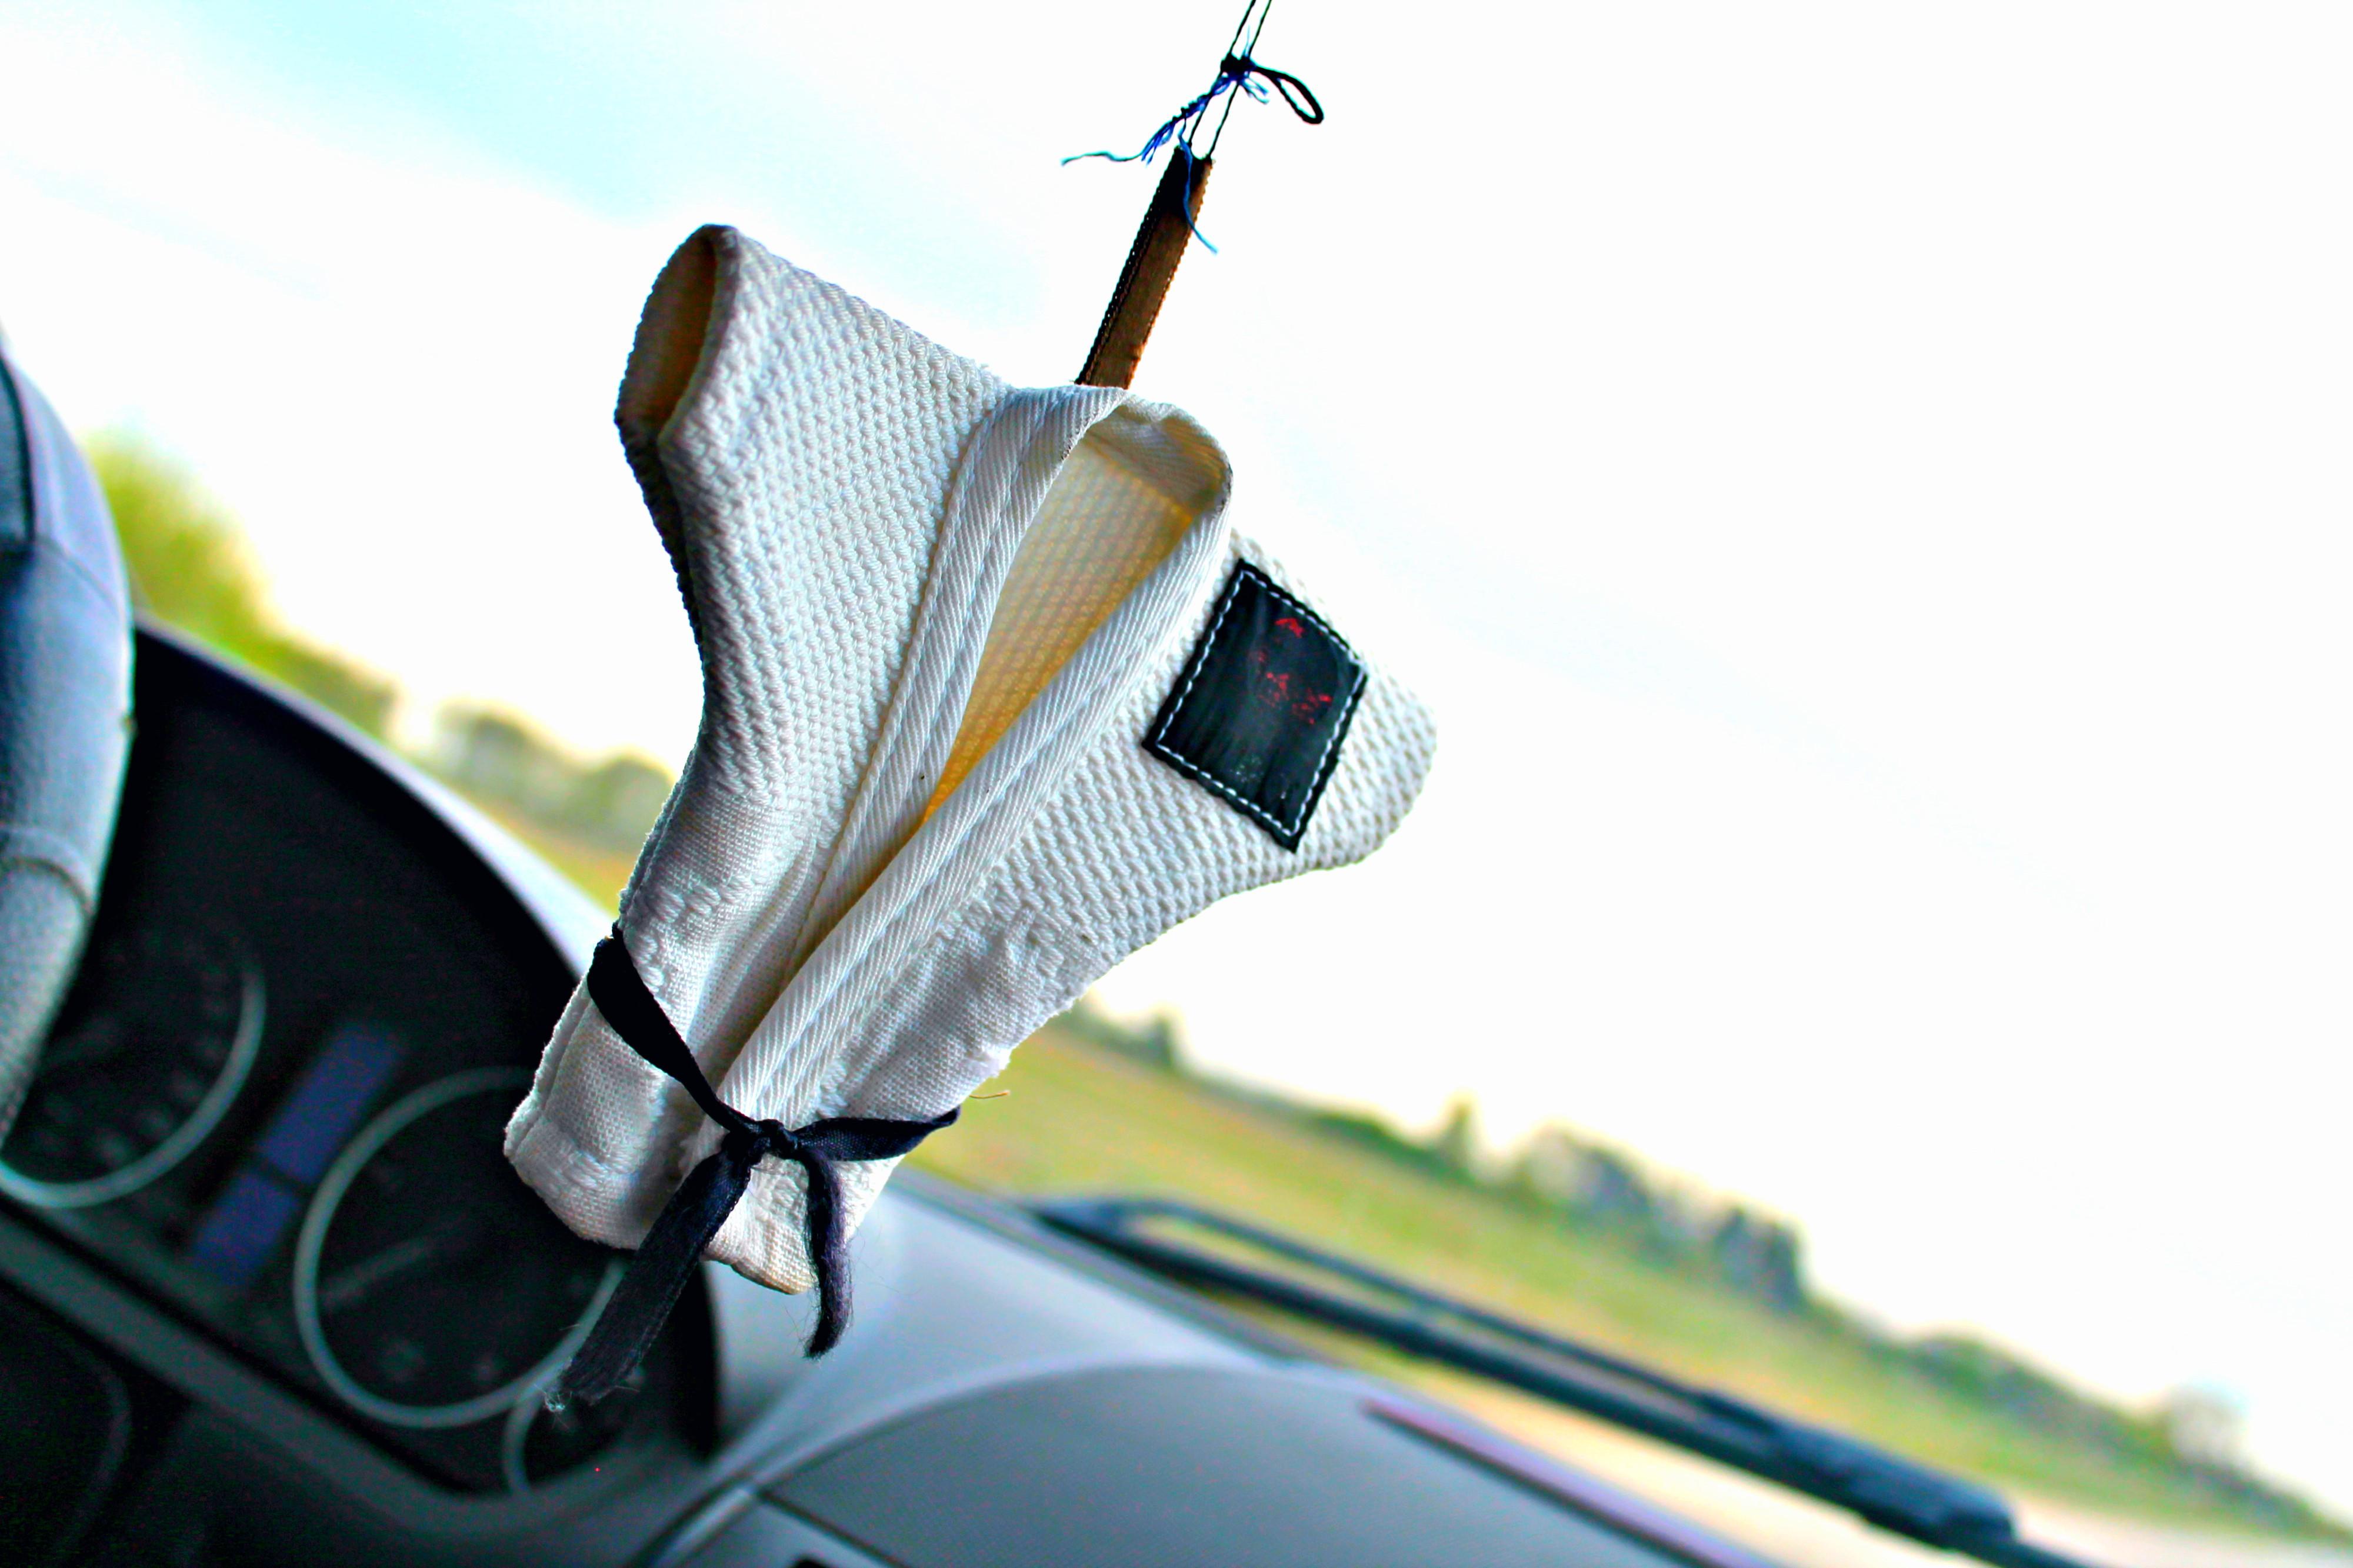 Didžiausiuose Lietuvoje vykstančiose dziudo federacijos renginiuose galima įsigyti pačių įvairiausių suvenyrų – nuo rašiklių ir puodelių su kimono iki aksesuarų automobiliui. Vienas tokių Indriaus Boliso keliones lydi jau penkiolika metų.